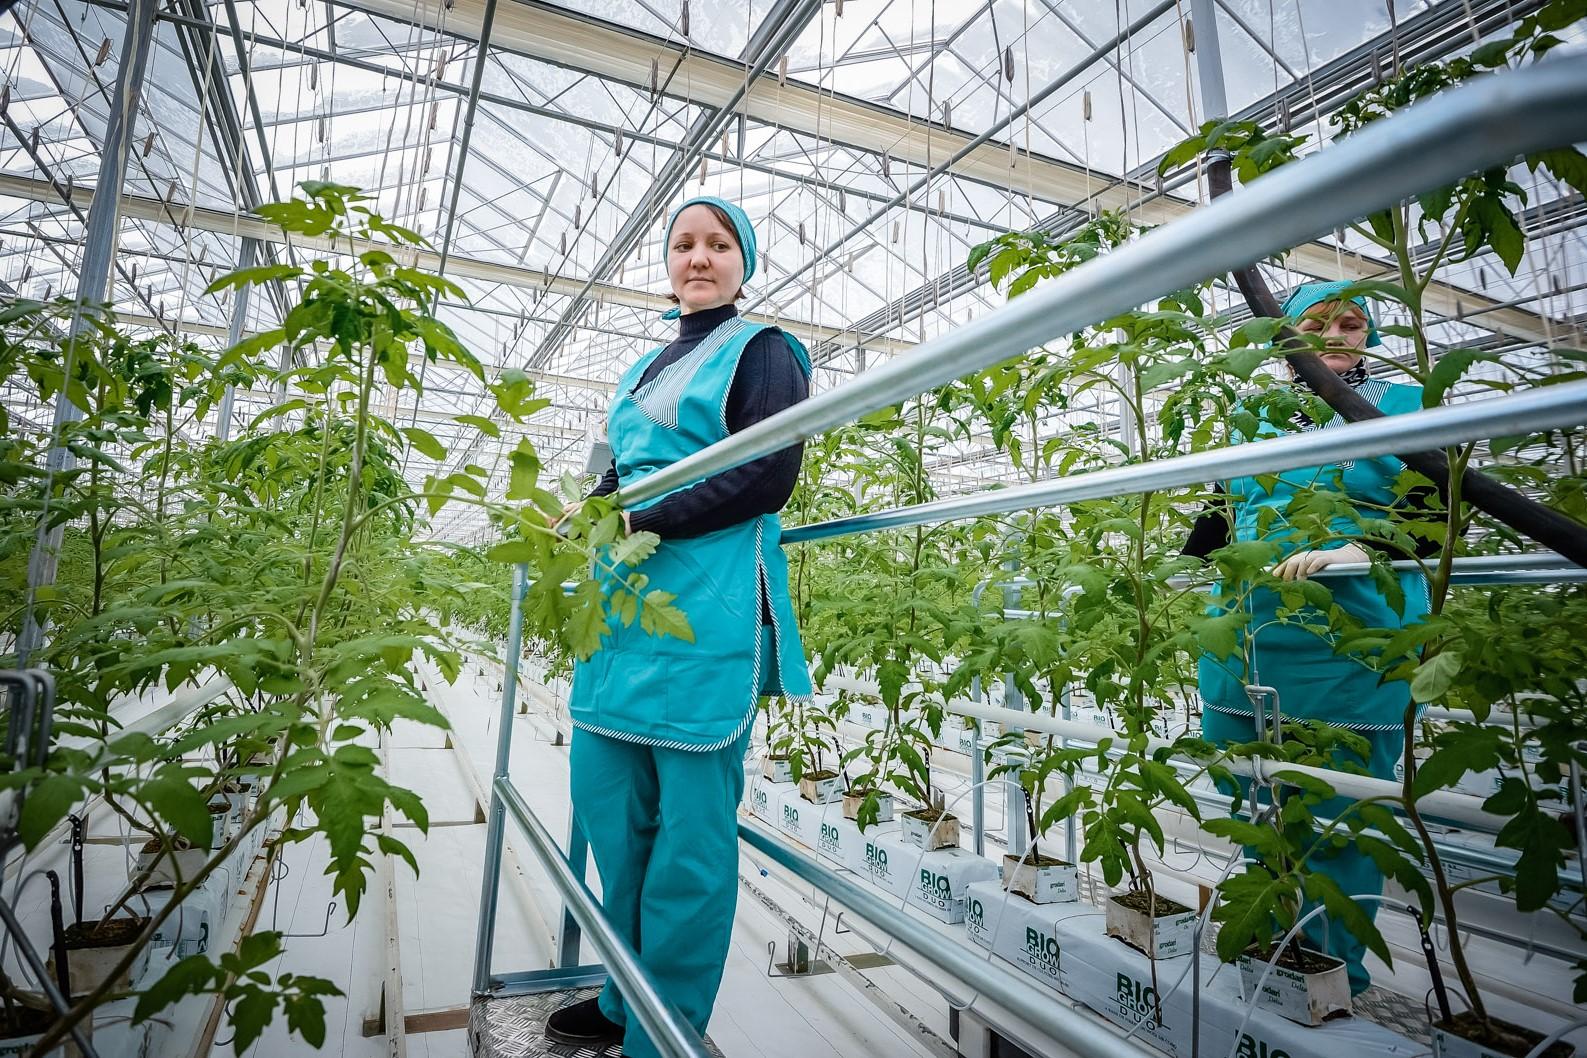 Свердловская область получит более 21 млн рублей на развитие фермерских хозяйств